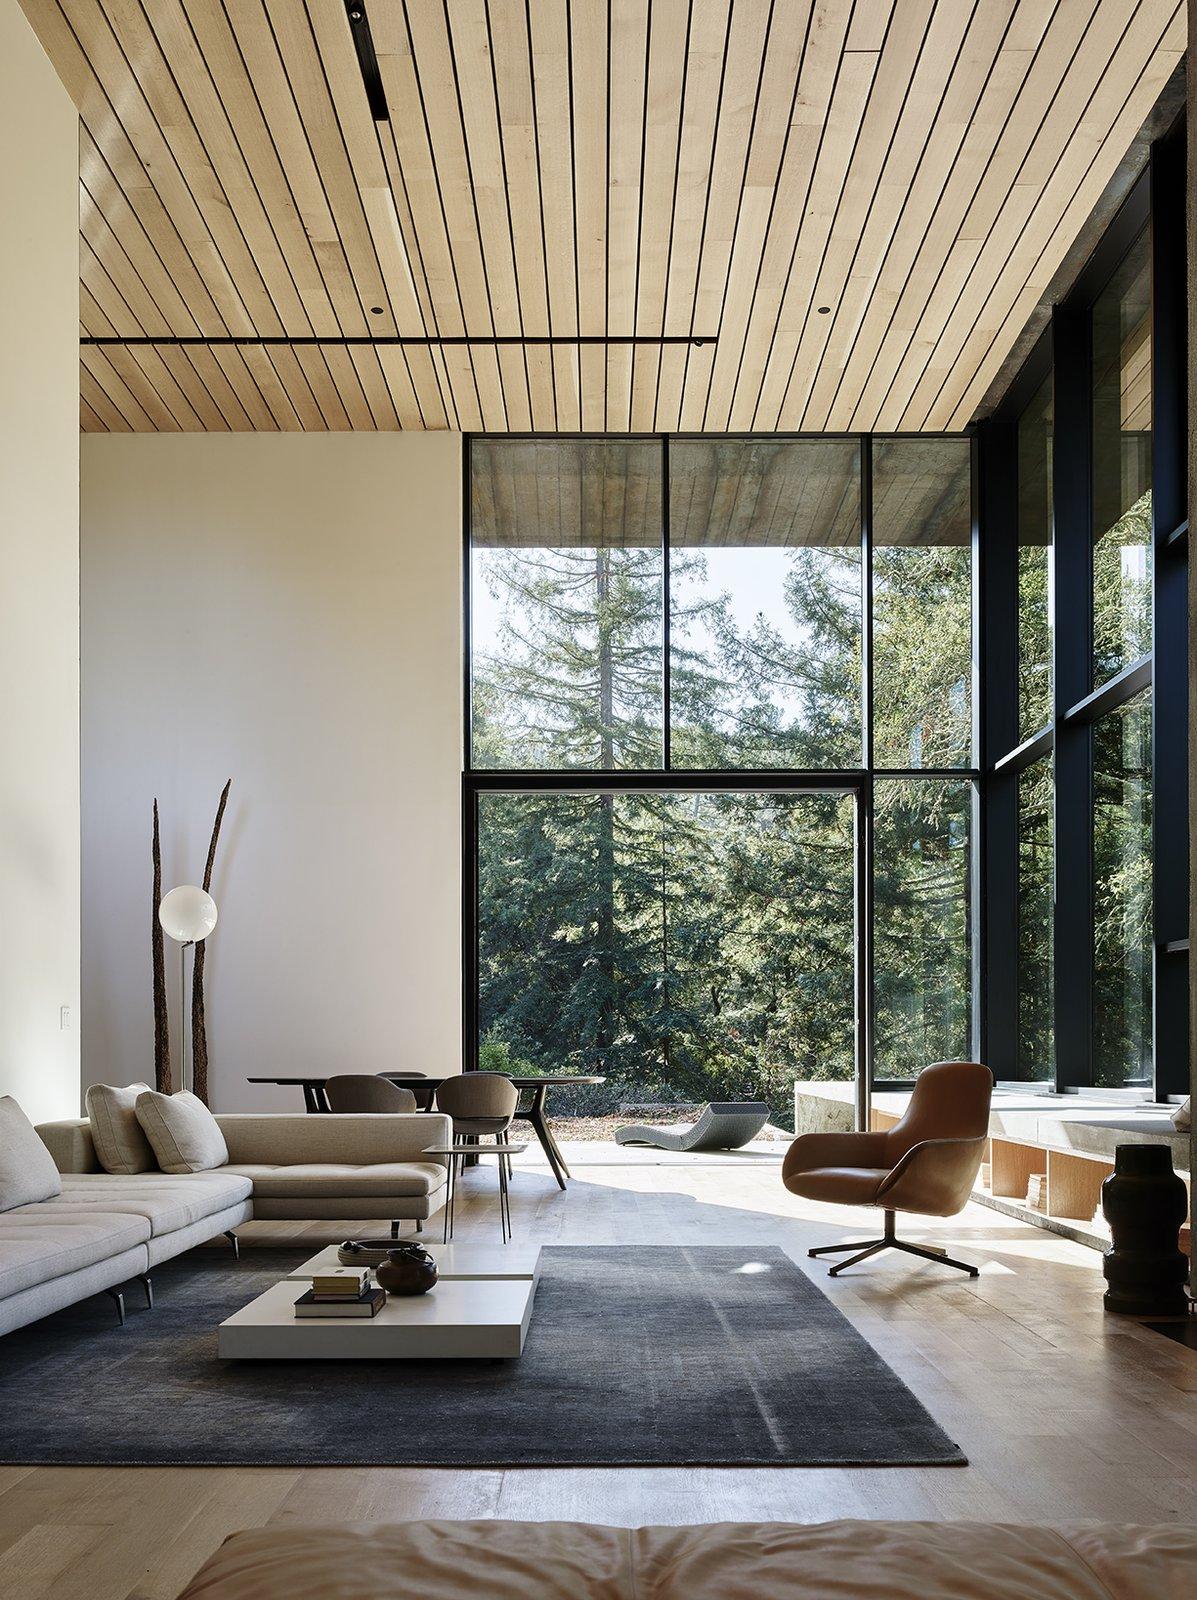 cor-ten steel home faulkner architects living room